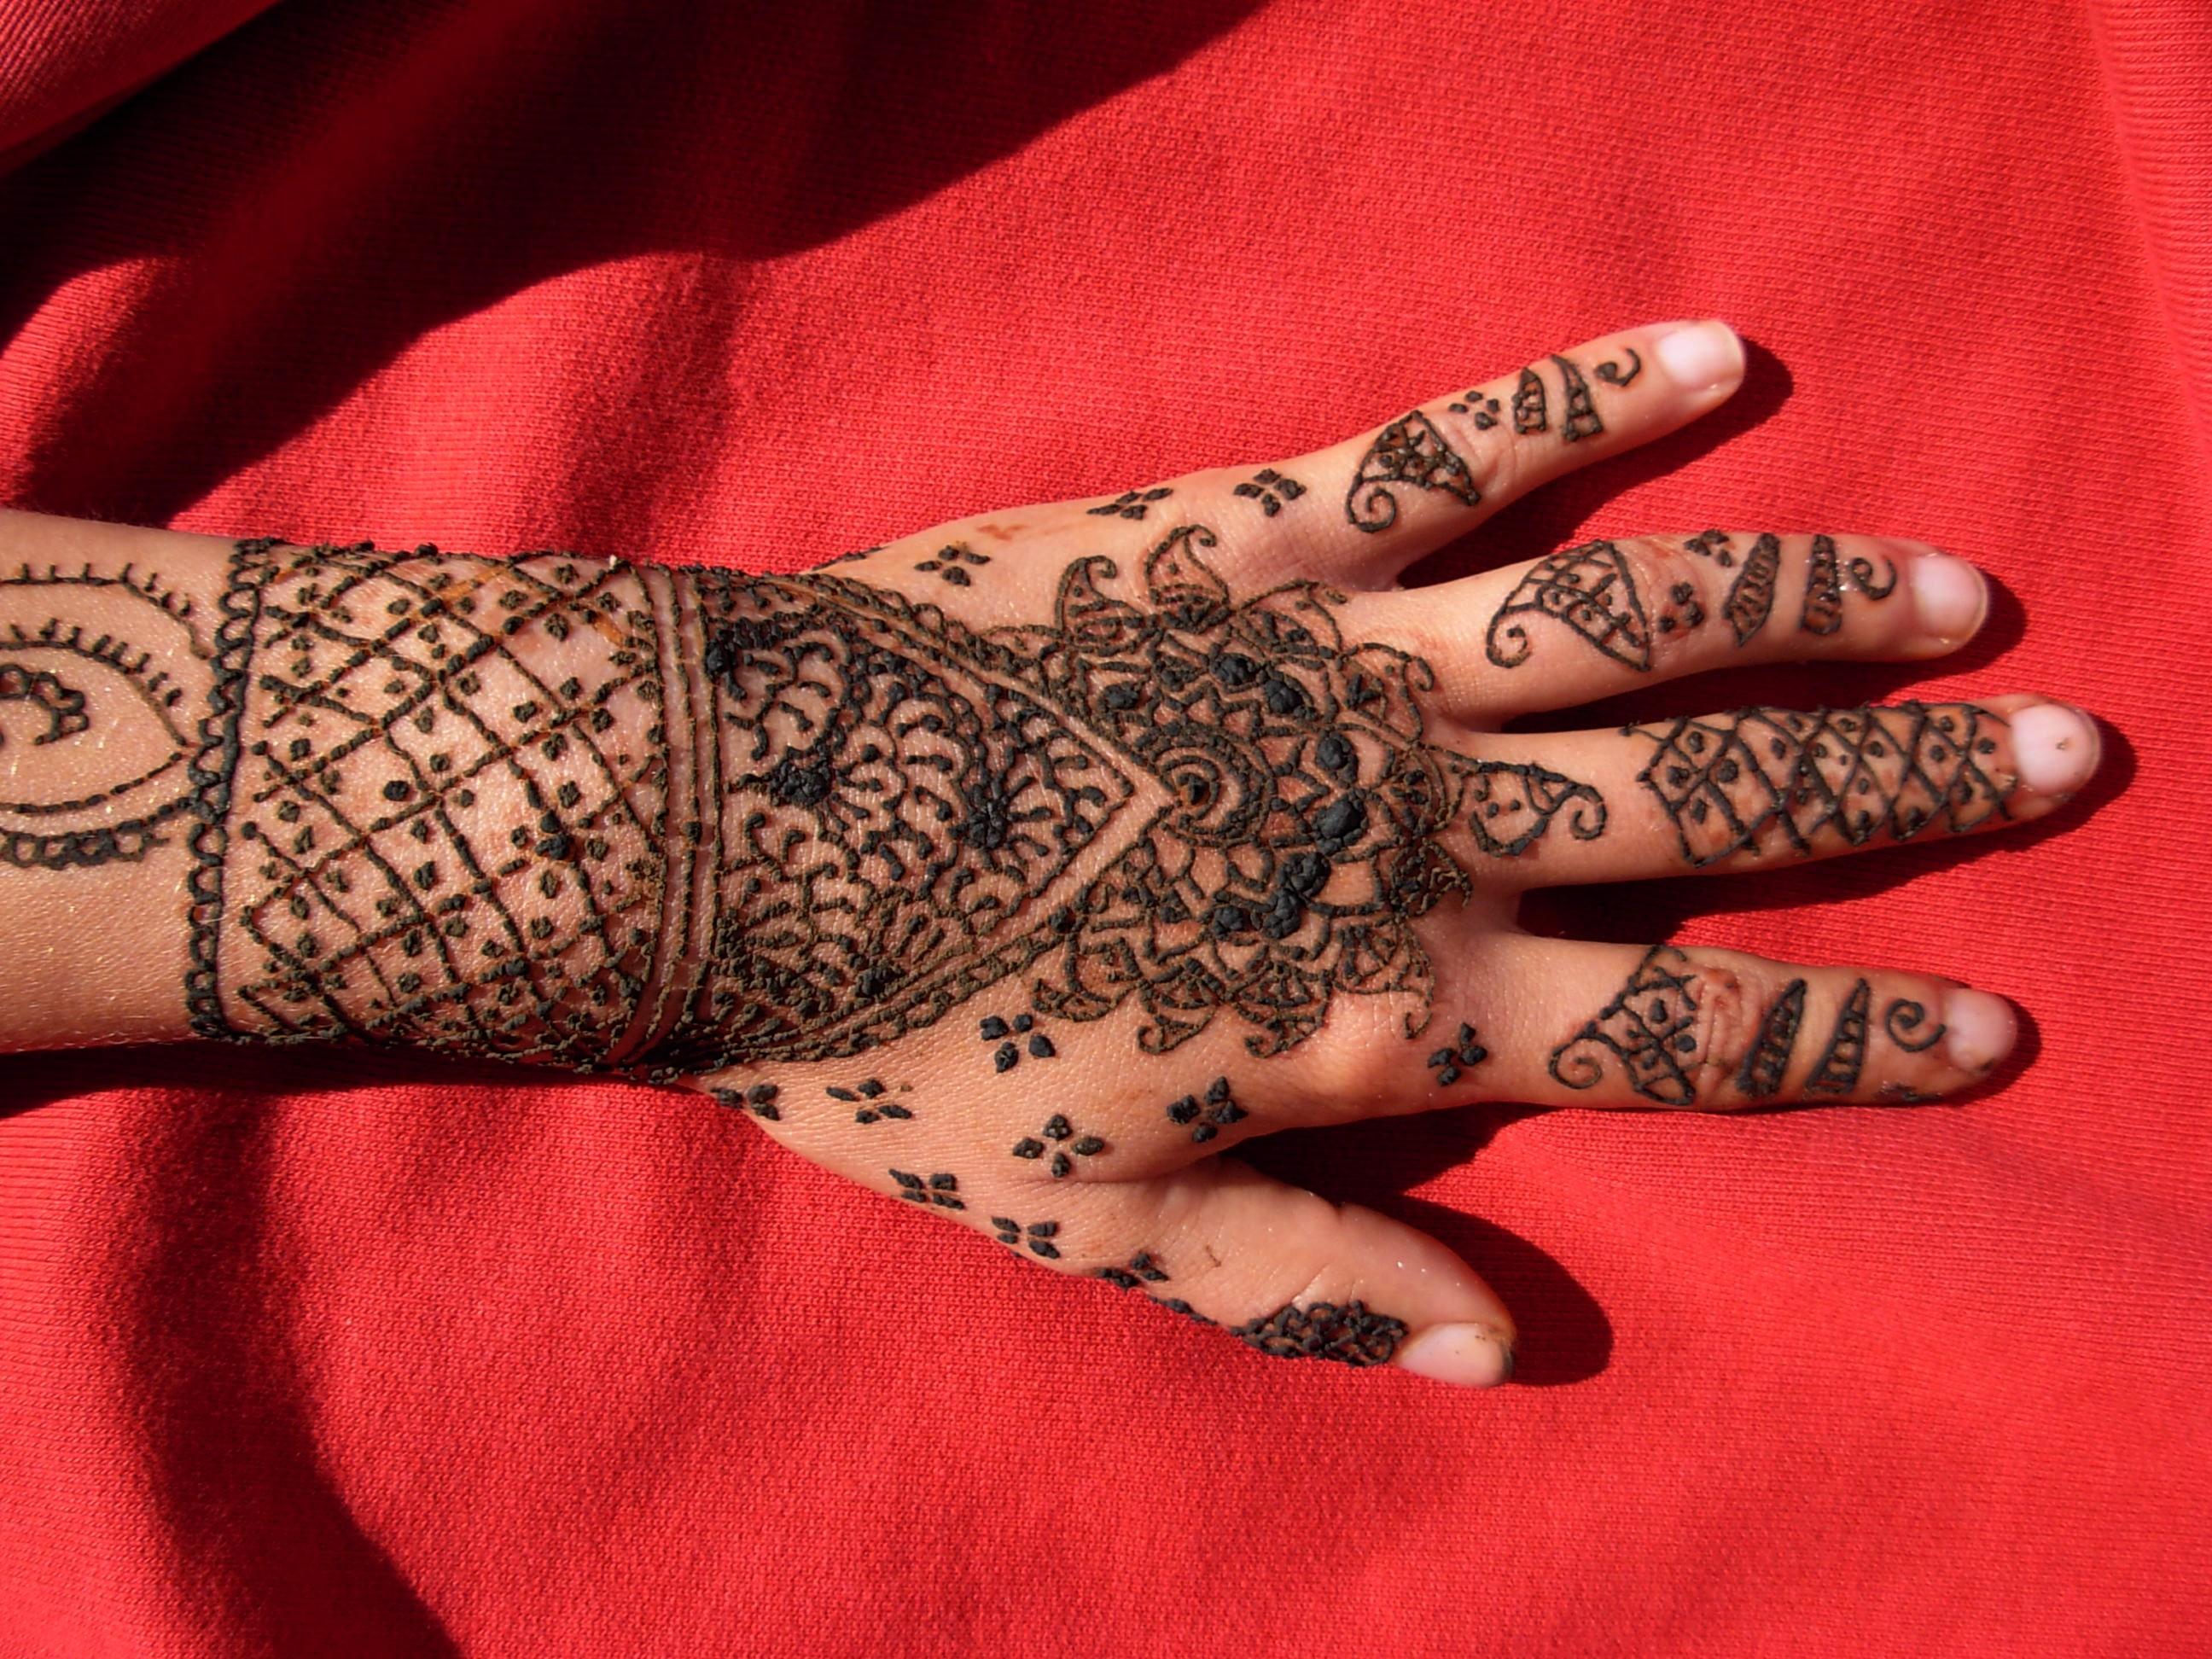 Henna Hand Design  Flickr  Photo Sharing